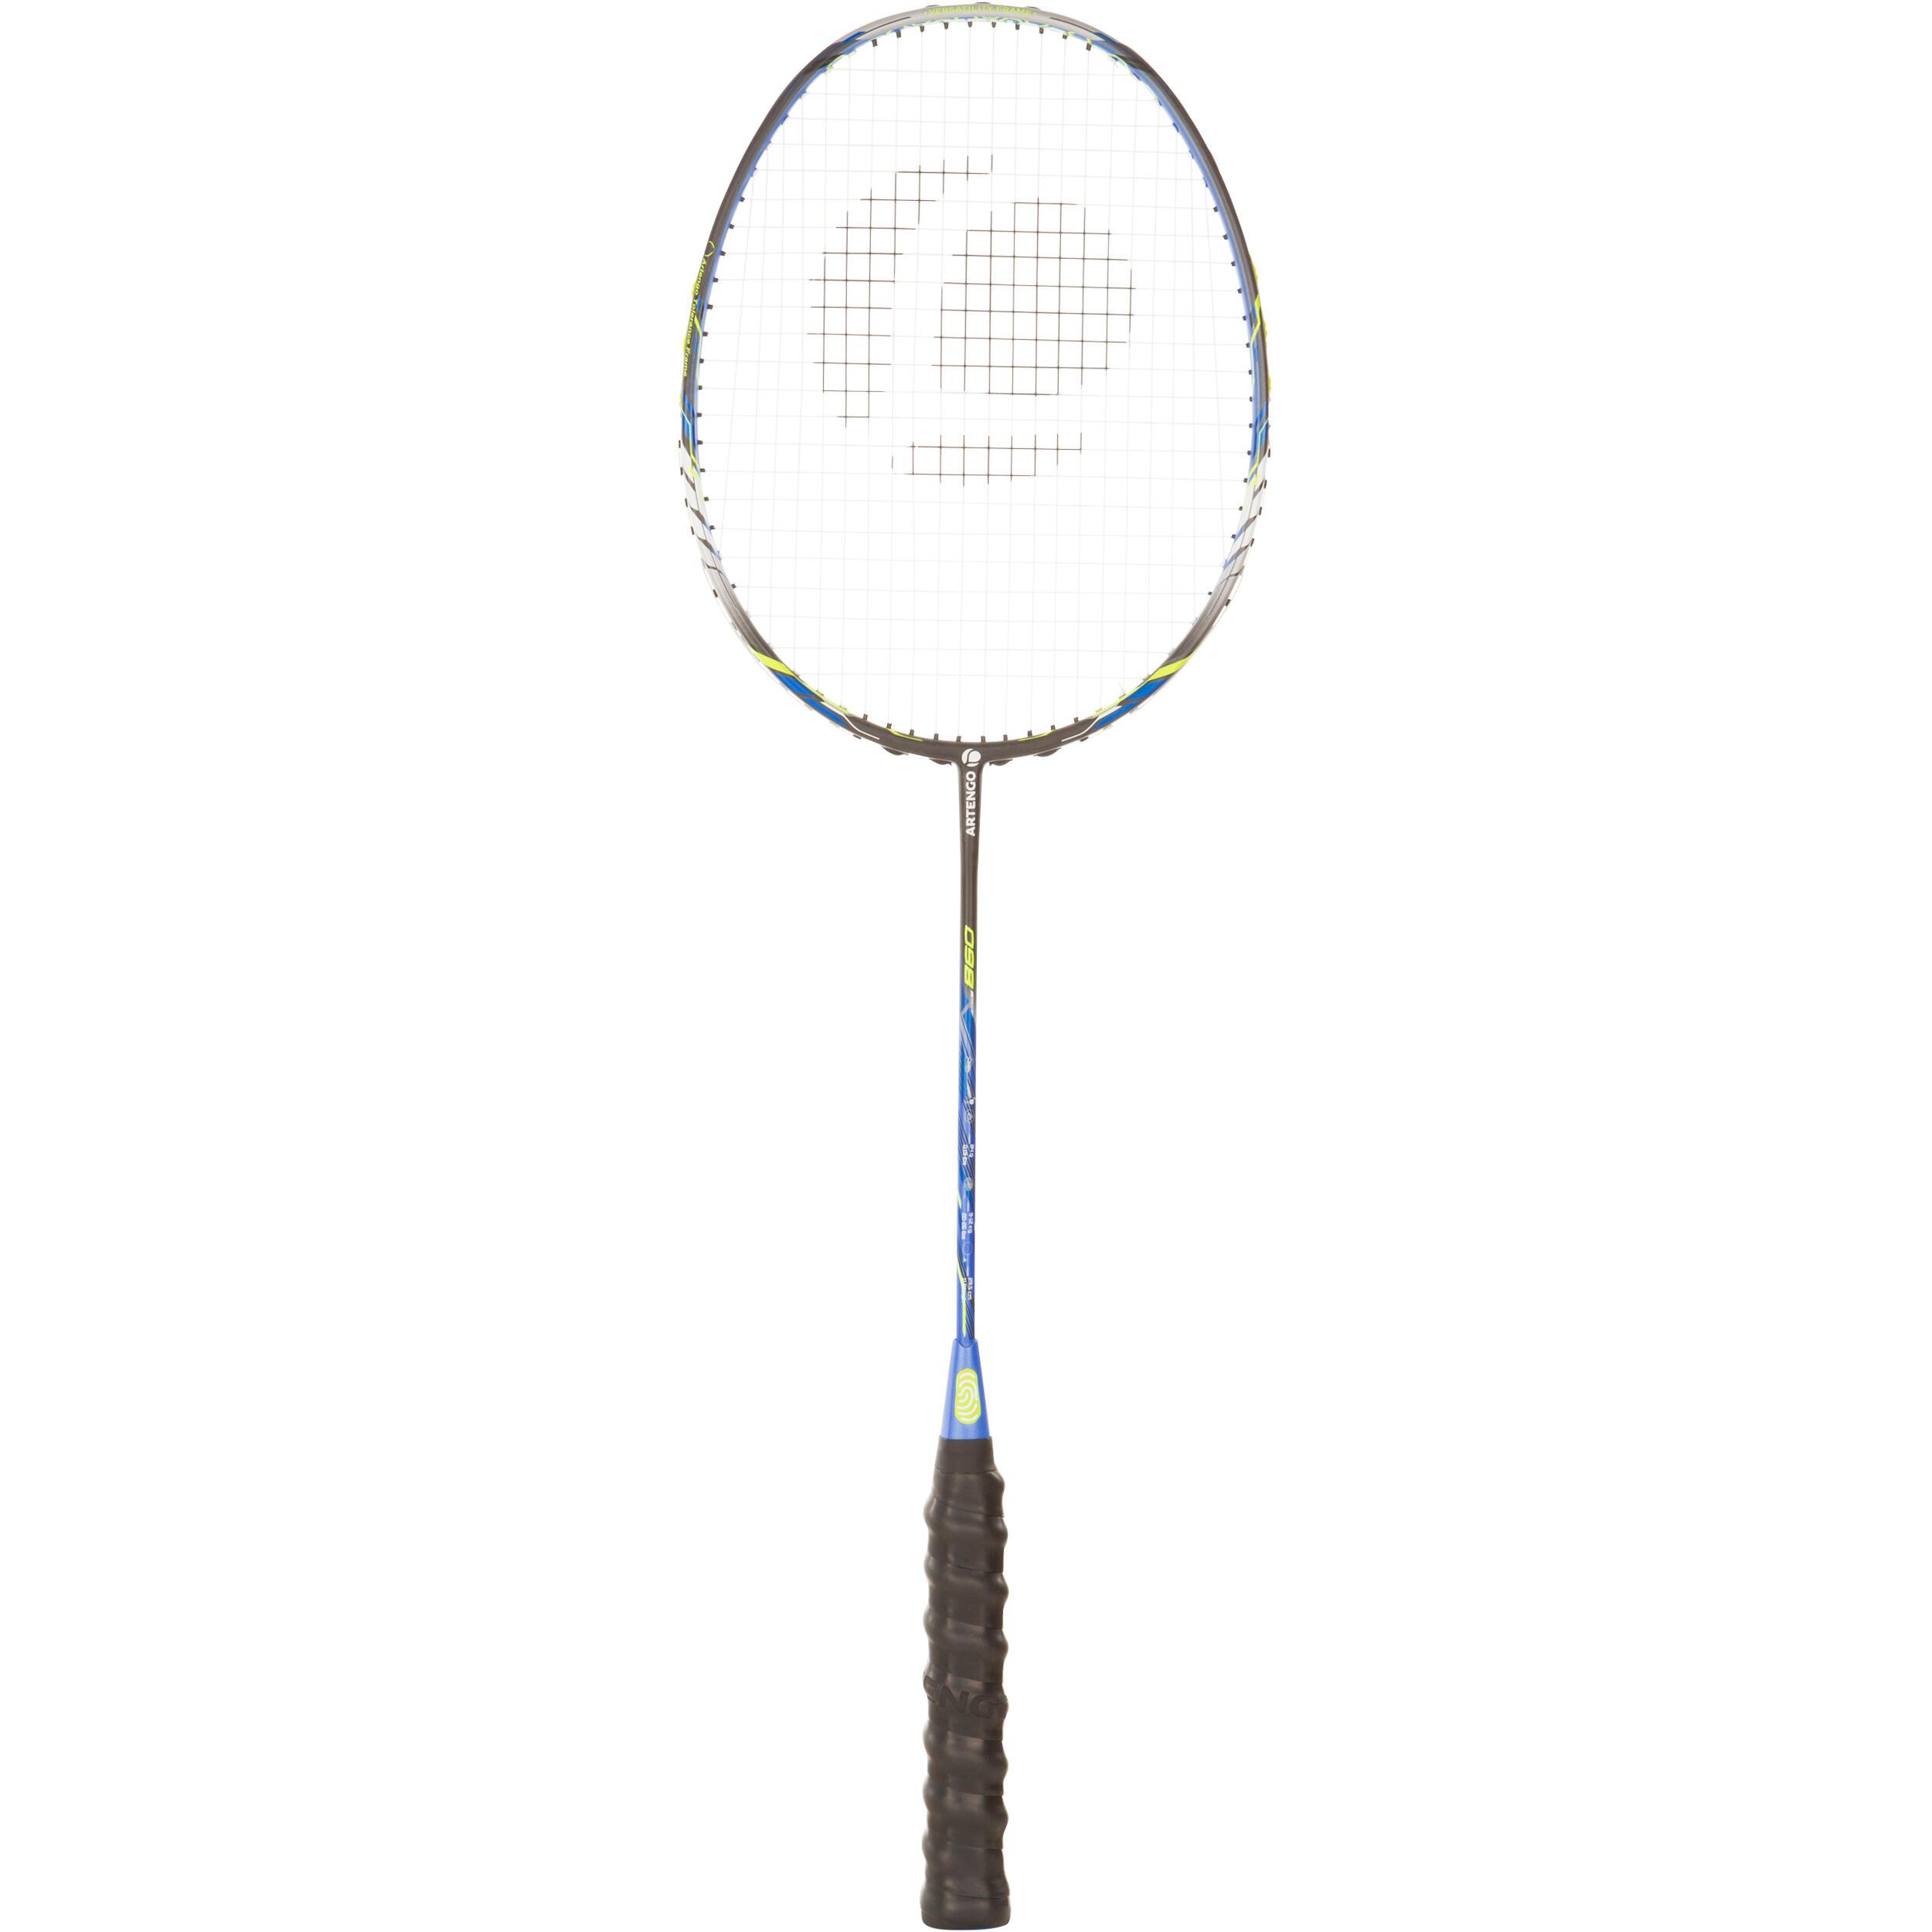 Artengo Badmintonracket BR 860